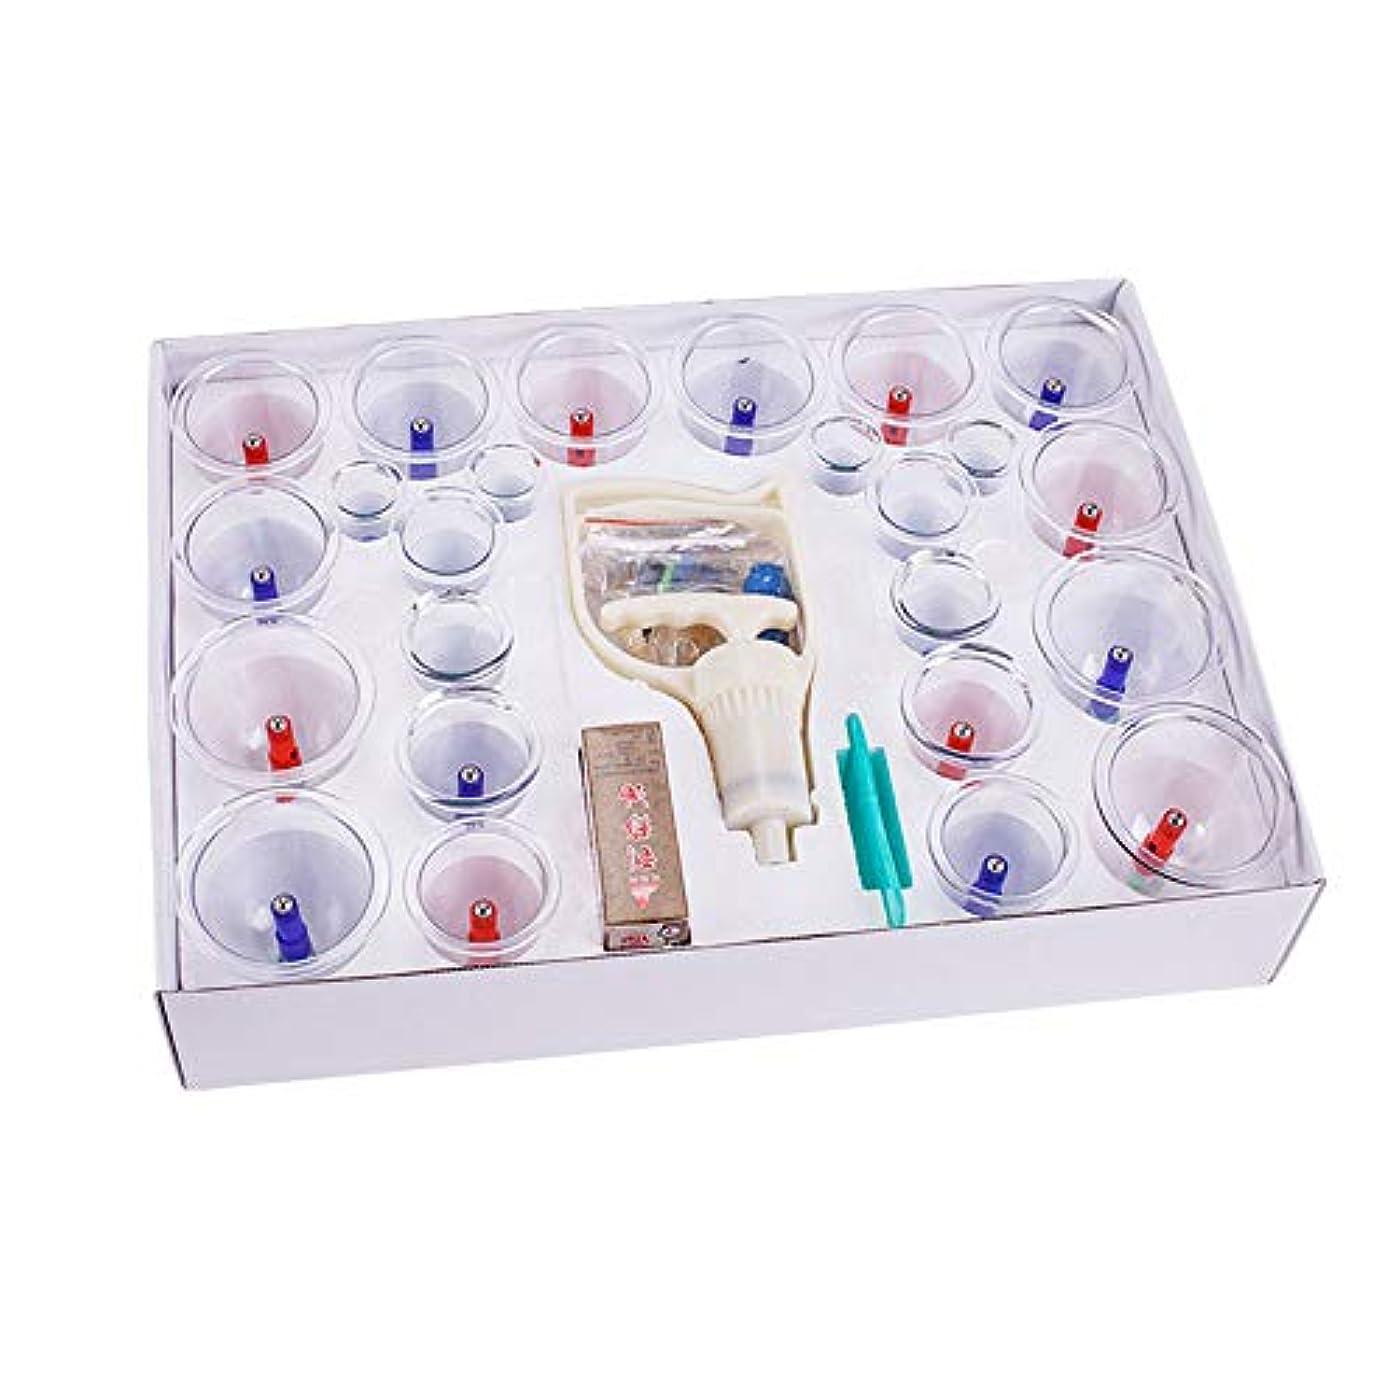 無意味理解パンダカッピング装置 - 専門のカッピング治療装置24カップは、大人と高齢者に適したポンプと伸展チューブで設定 美しさ